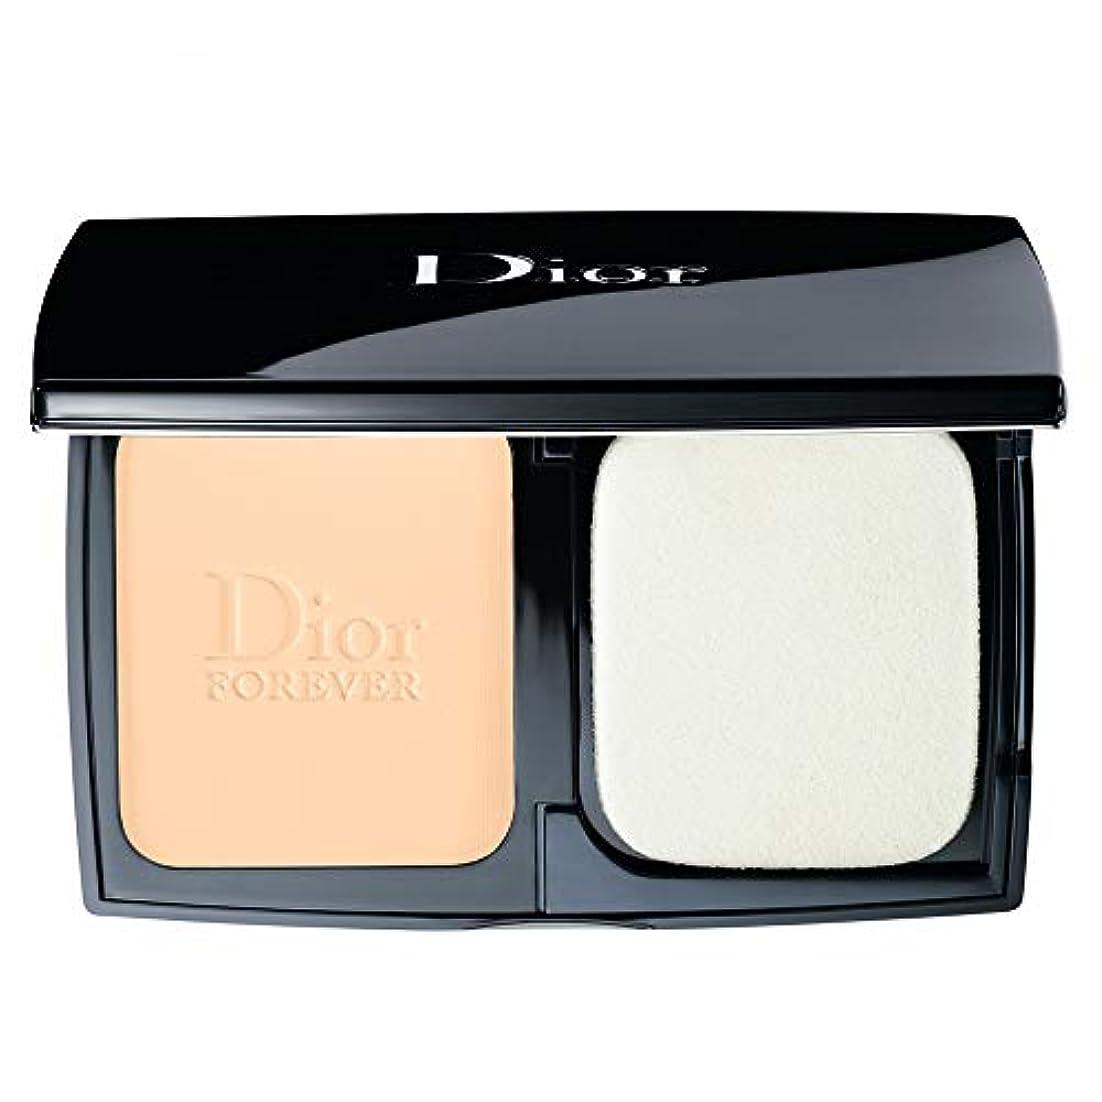 ピストル因子聴覚クリスチャンディオール Diorskin Forever Extreme Control Perfect Matte Powder Makeup SPF 20 - # 010 Ivory 9g/0.31oz並行輸入品